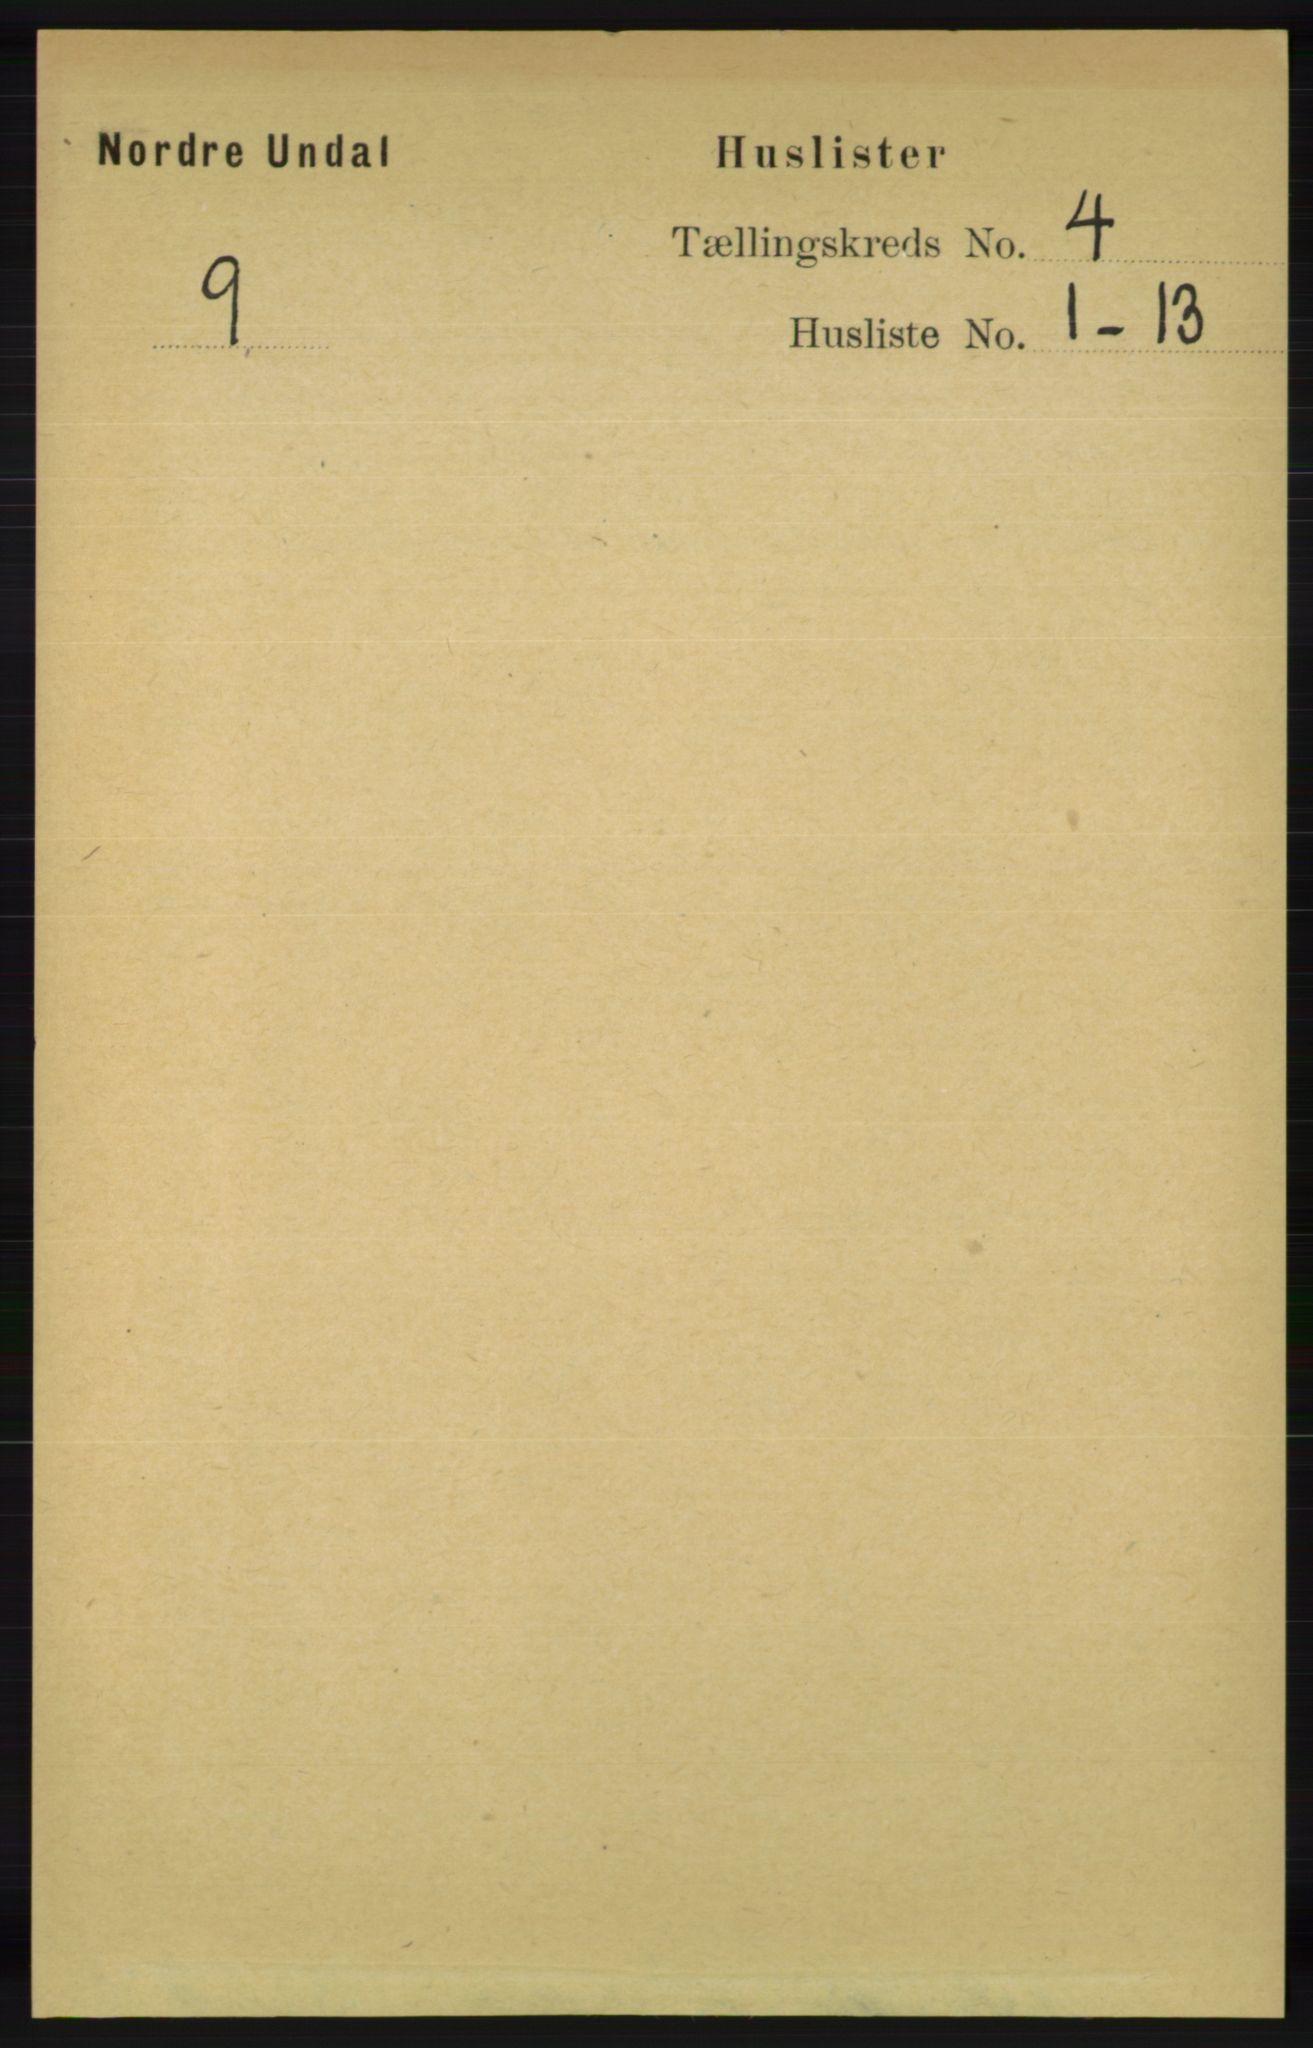 RA, Folketelling 1891 for 1028 Nord-Audnedal herred, 1891, s. 1079